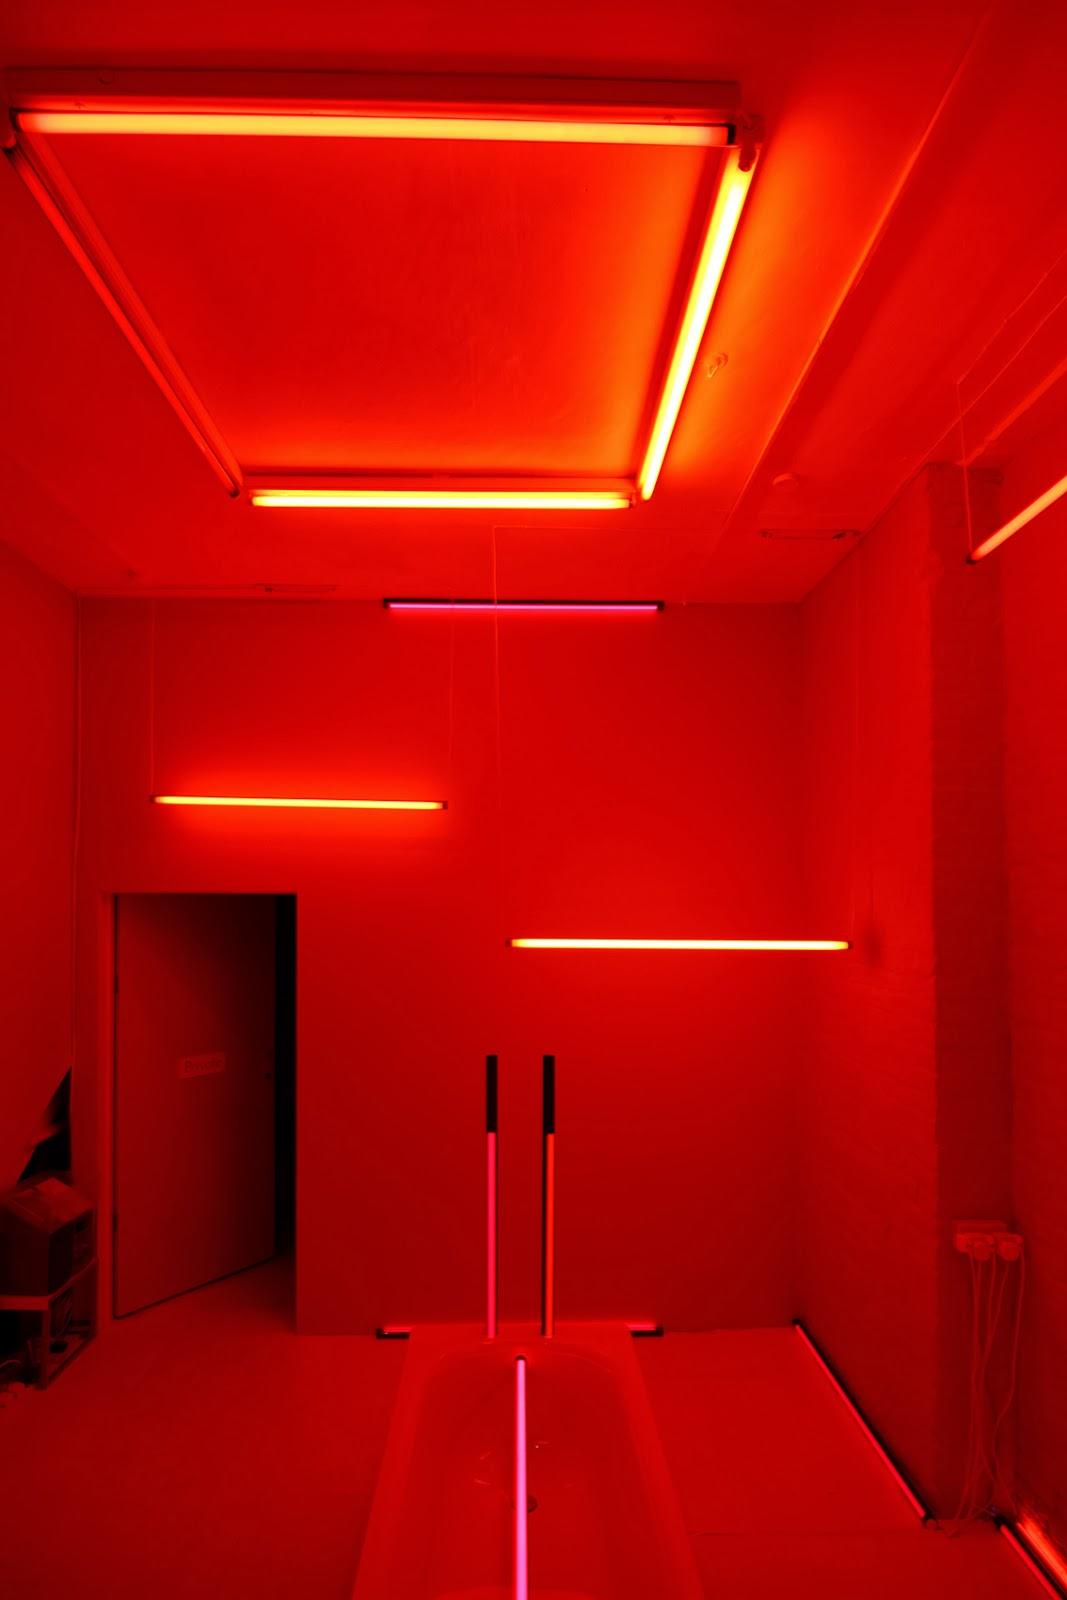 ULI 」: RED ROOM : Installation I